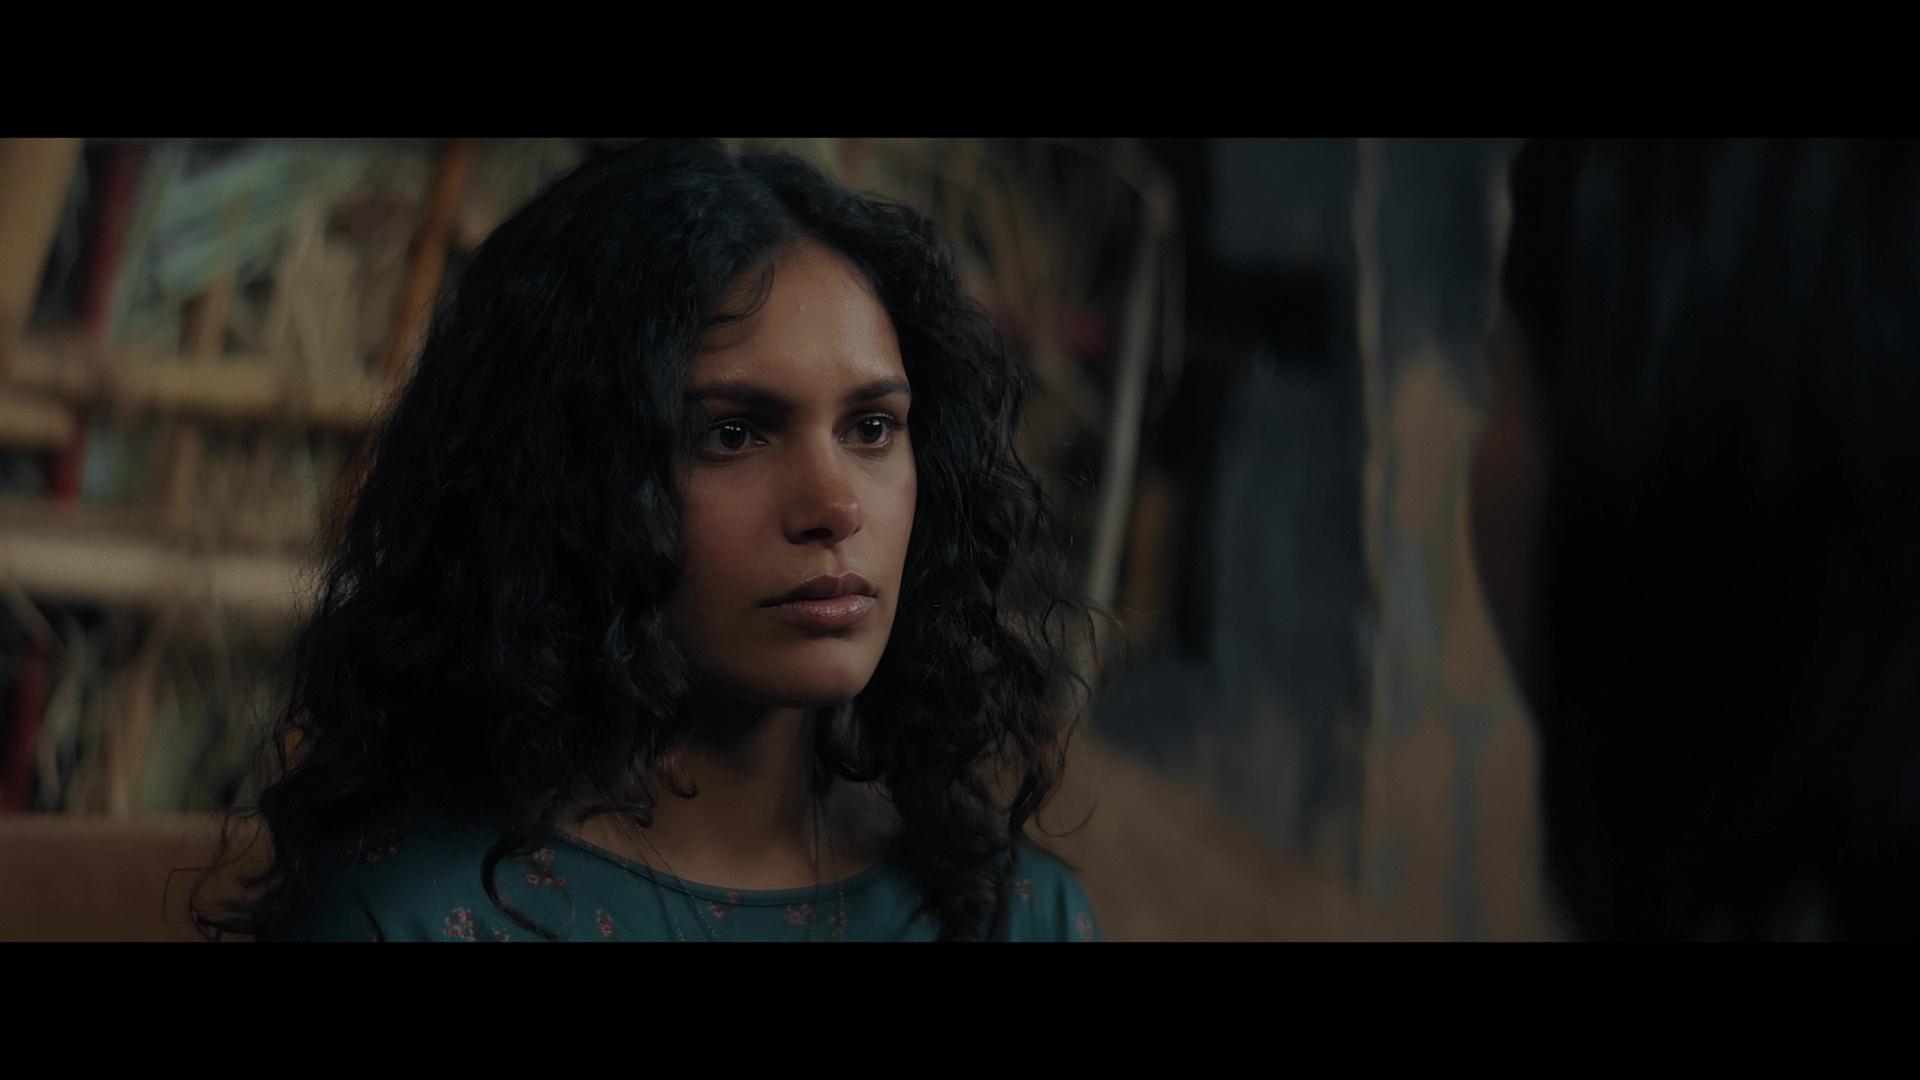 Las formas antiguas (2020) 1080p WEB-DL Latino